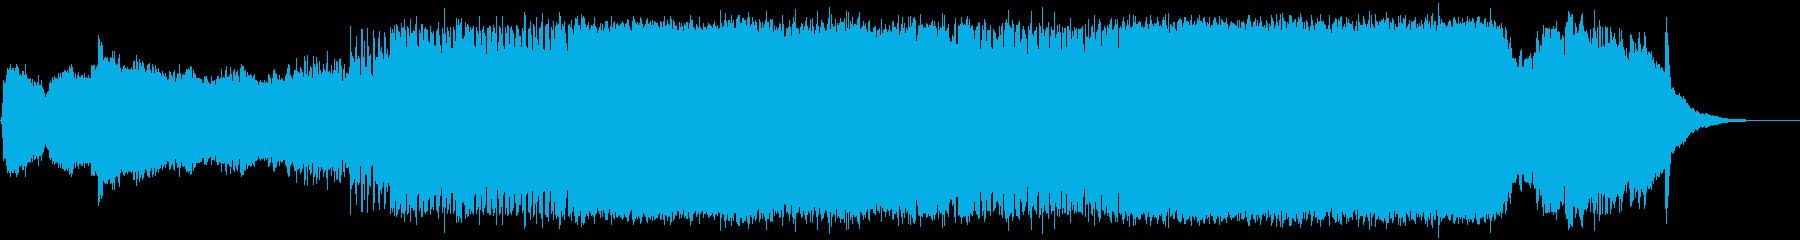 アイリッシュで疾走感のジングルベルの再生済みの波形